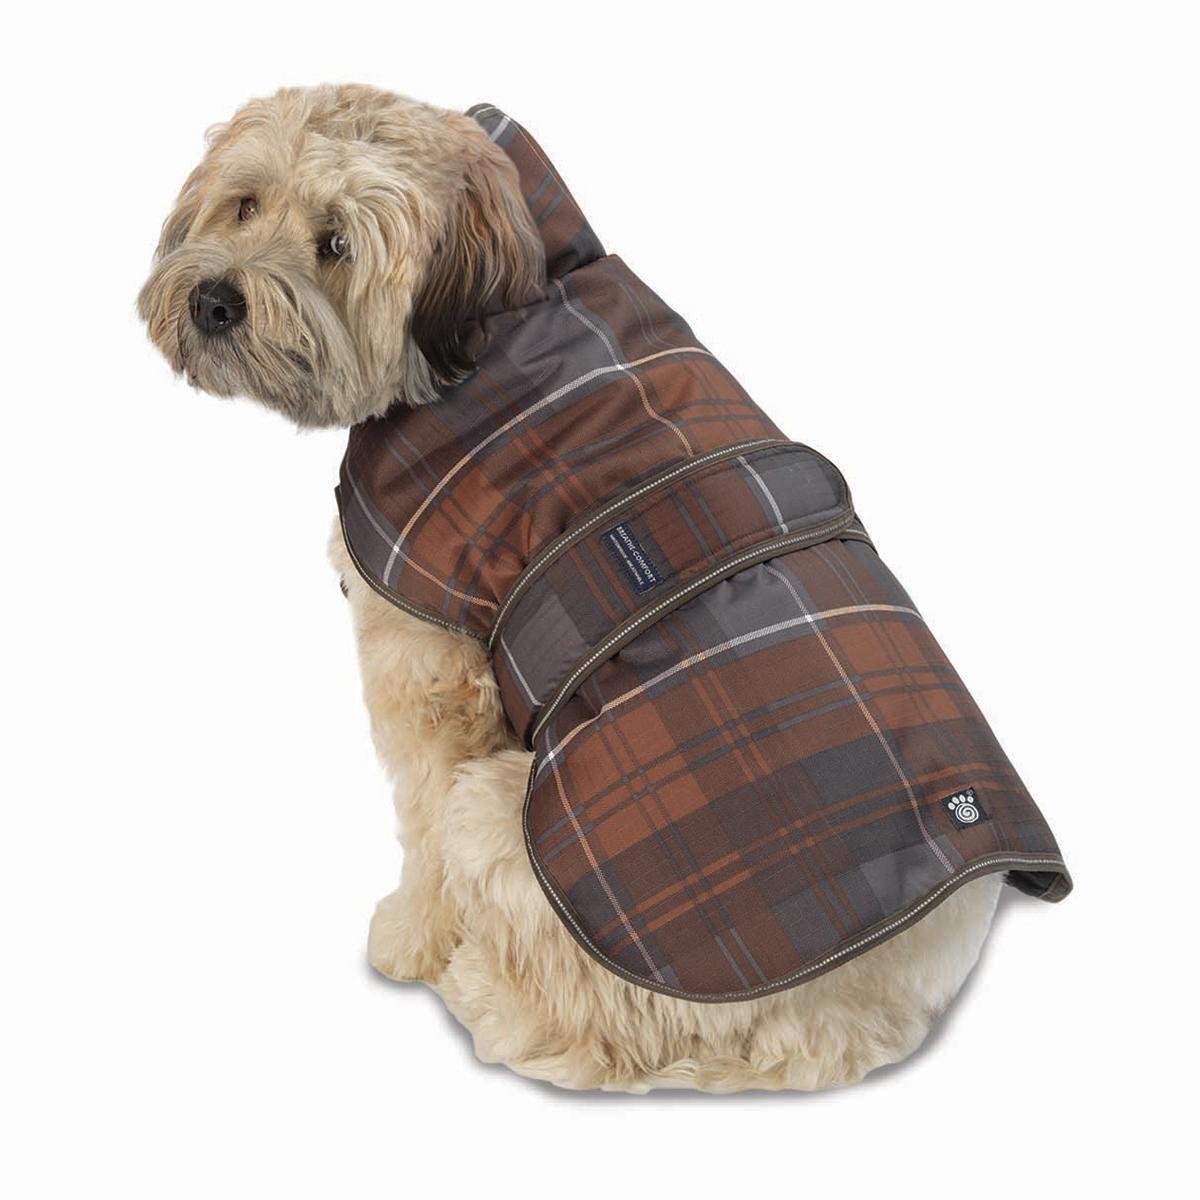 Kodiak Dog Coat - Bronze Plaid